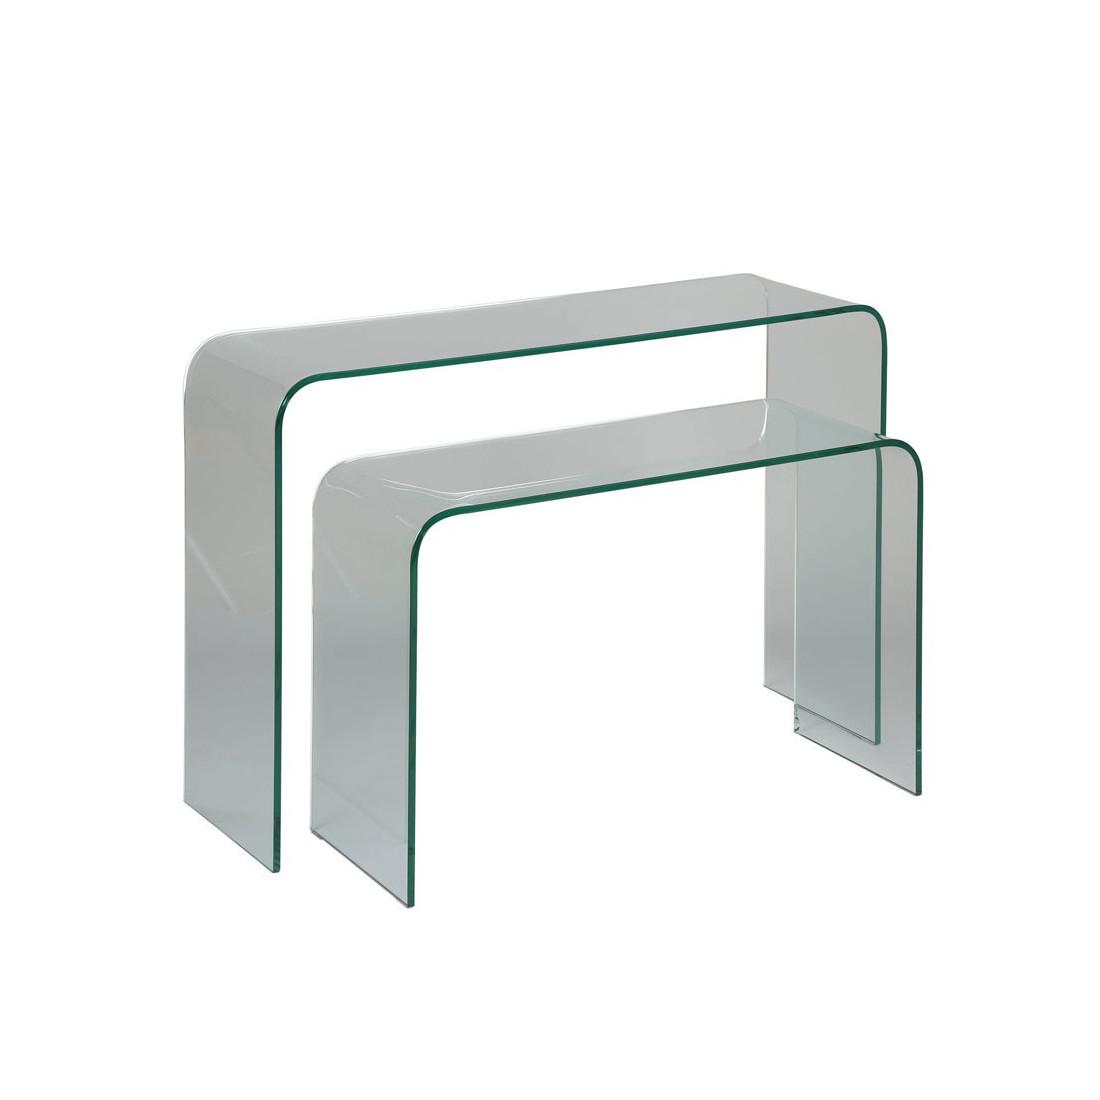 consoles gigognes verre clean univers petits meubles tousmesmeubles. Black Bedroom Furniture Sets. Home Design Ideas